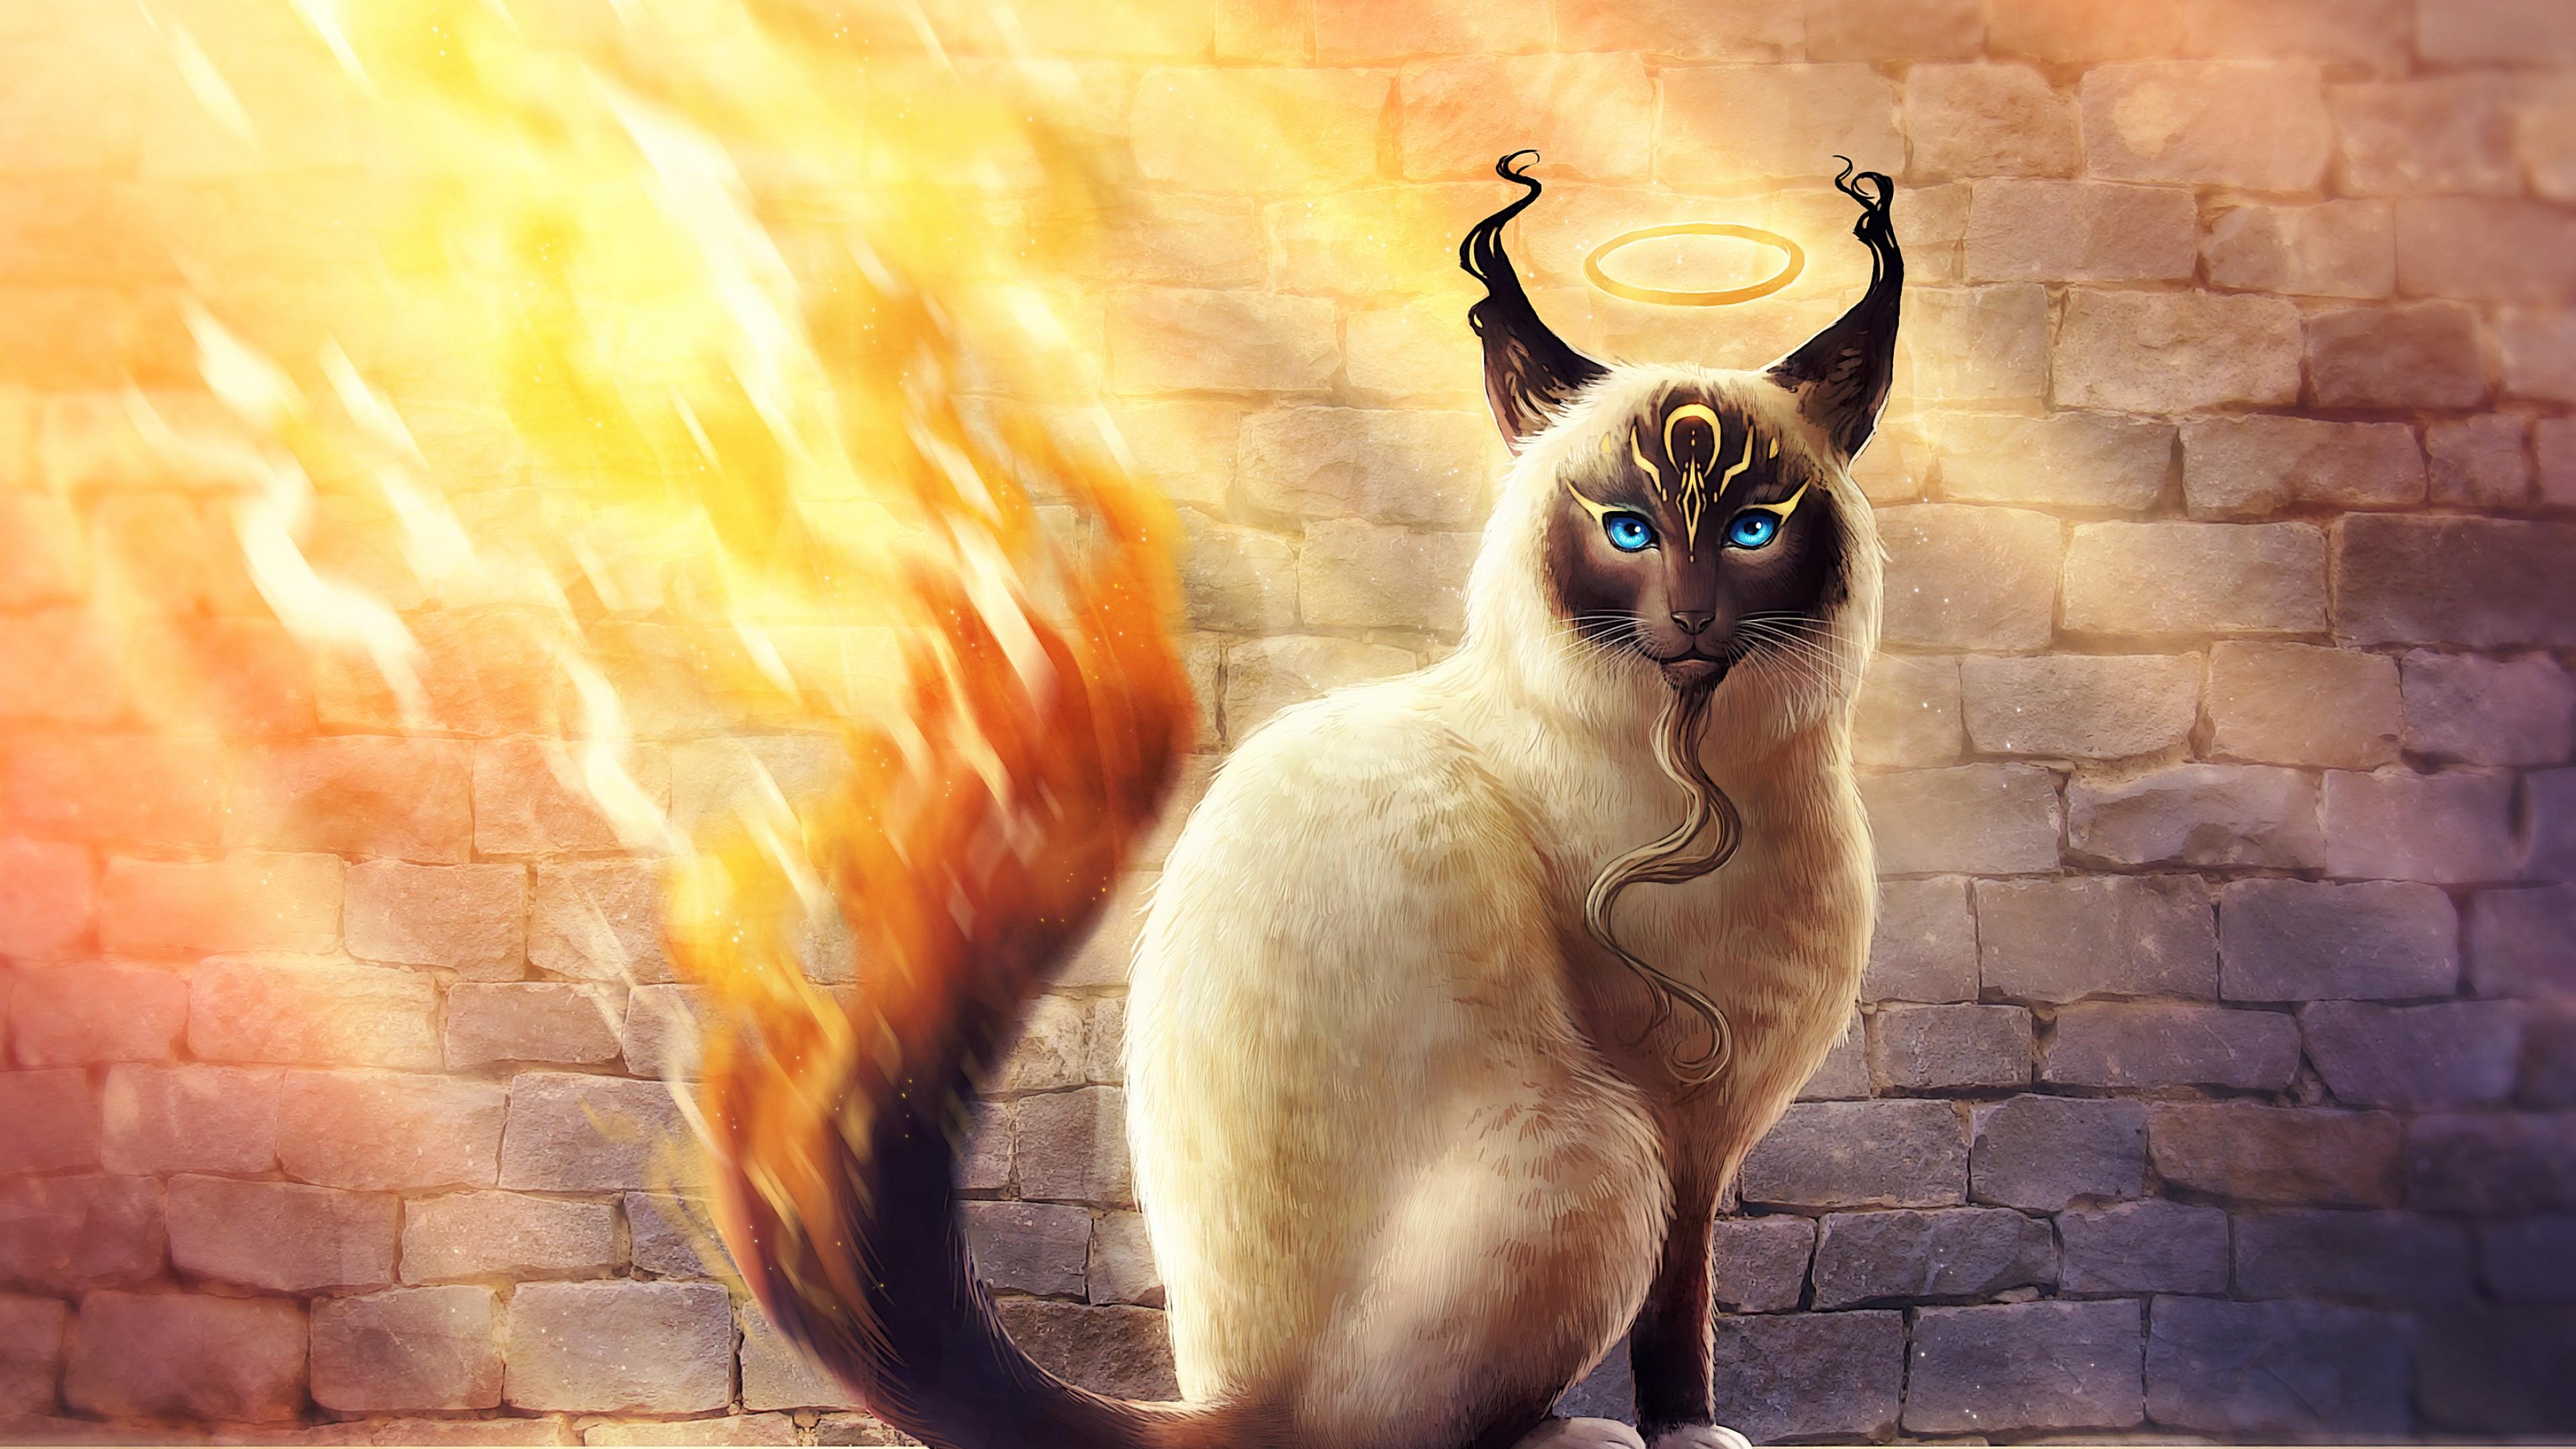 Волшебный кот с голубыми глазами с сияющим нимбом над головой,бородой и огненным хвостом